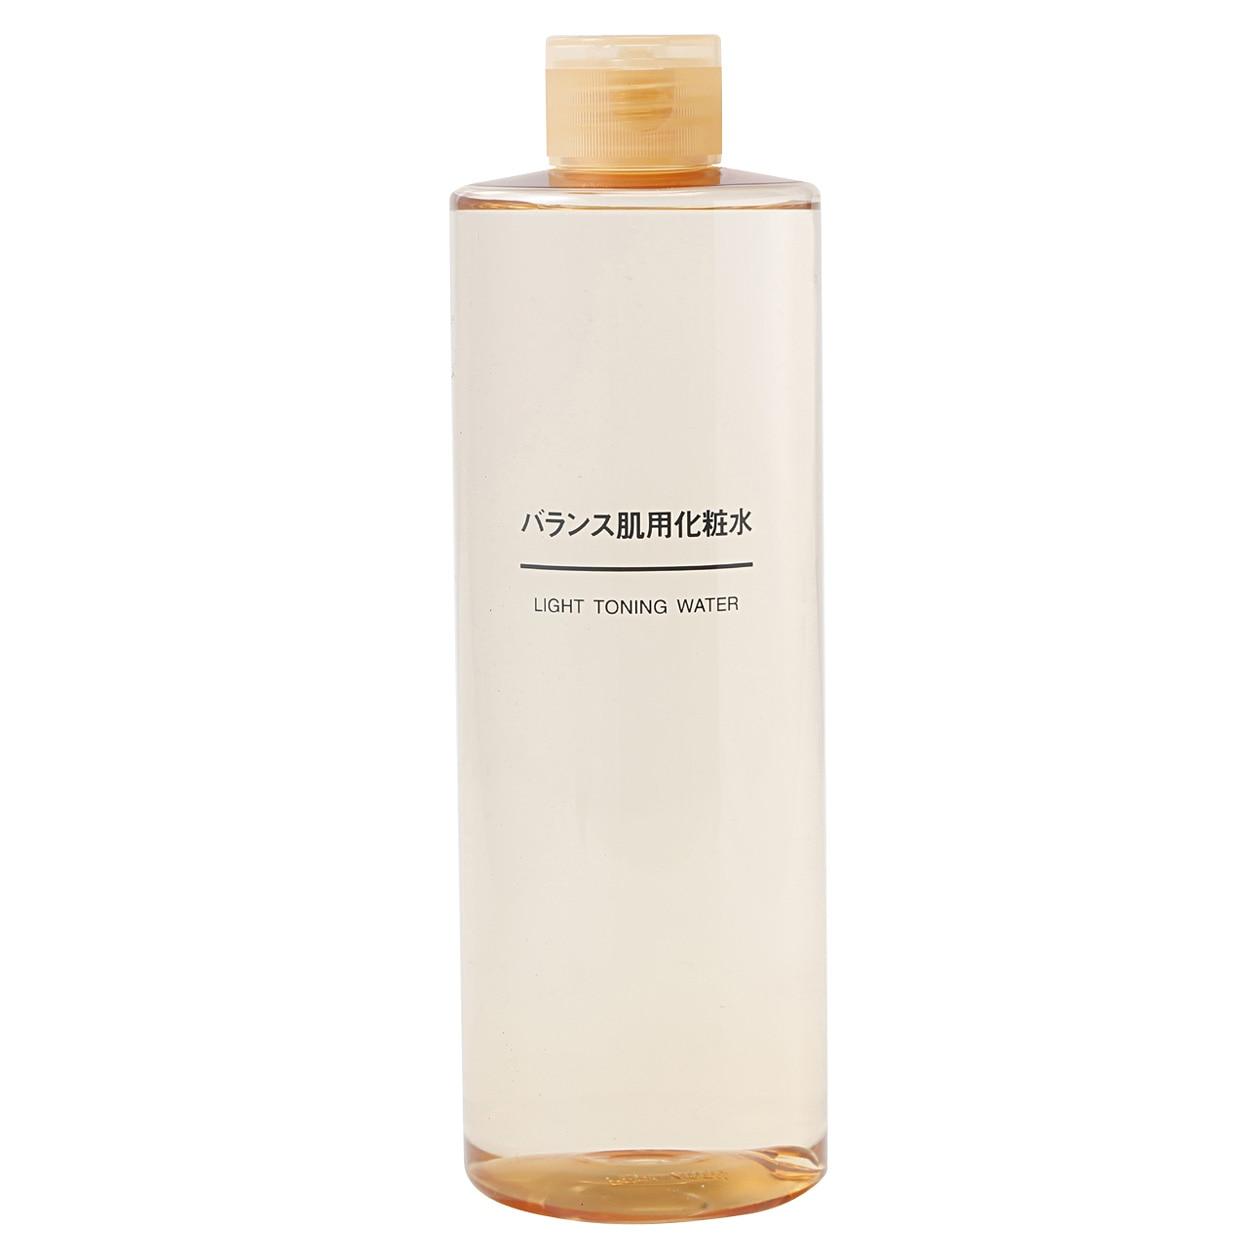 バランス肌用化粧水(大容量)